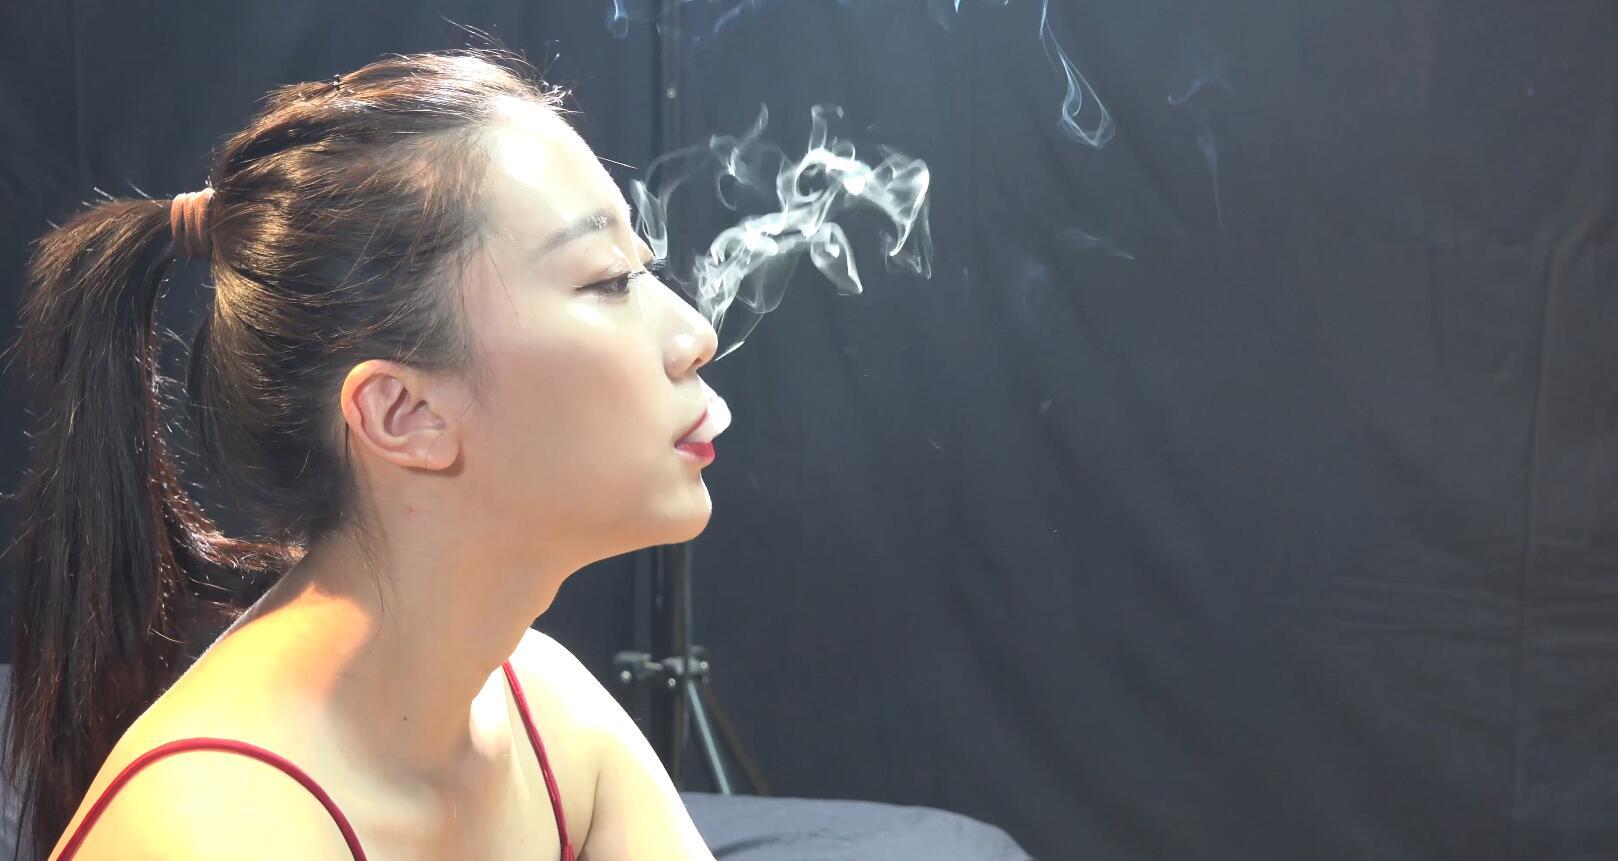 当你学会抽烟之后多久变成一个常规的习惯呢?美女小姐姐的回答令人意外!